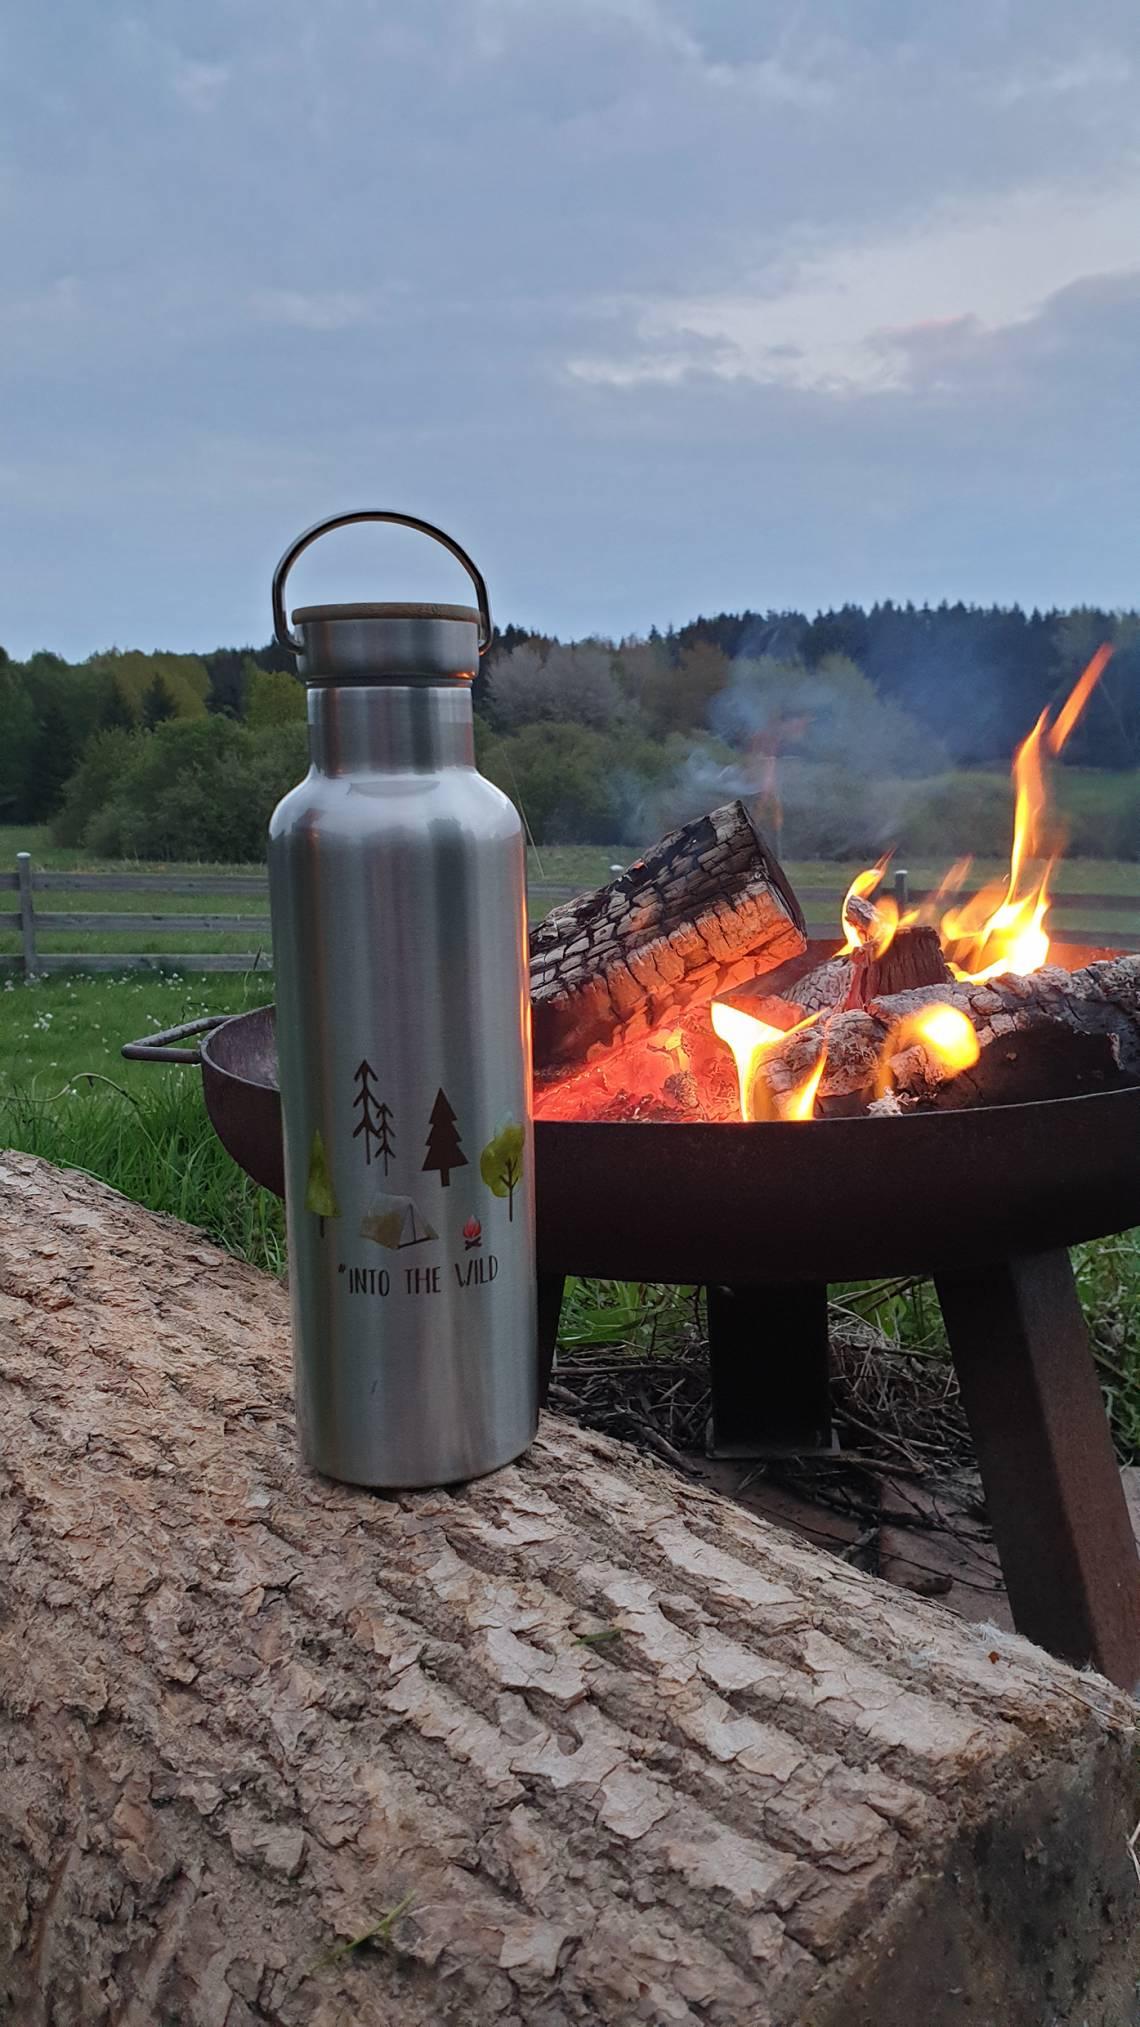 ppd Stainless Steel Bottles - Stimmungsbild Lagerfeuer